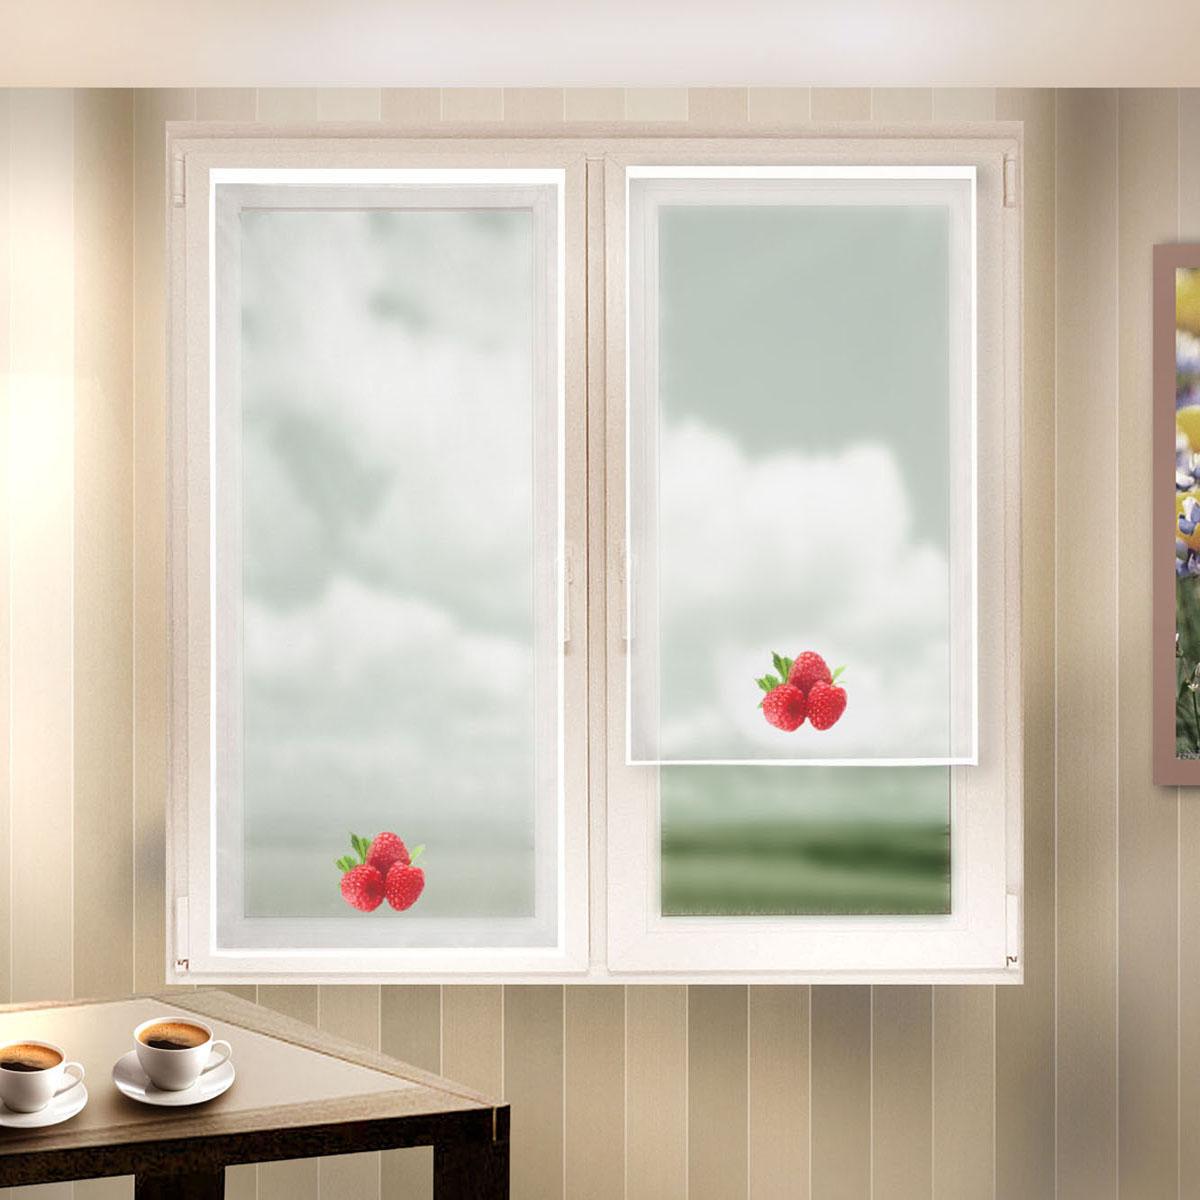 Гардина Zlata Korunka, на липкой ленте, цвет: белый, высота 140 см. 666042666042Гардина на липкой ленте Zlata Korunka, изготовленная из легкого полиэстера, станет великолепным украшением любого окна. Полотно из белой вуали с печатным рисунком привлечет к себе внимание и органично впишется в интерьер комнаты. Крепление на липкой ленте, не требующее сверления стен и карниза. Многоразовое и мгновенное крепление.